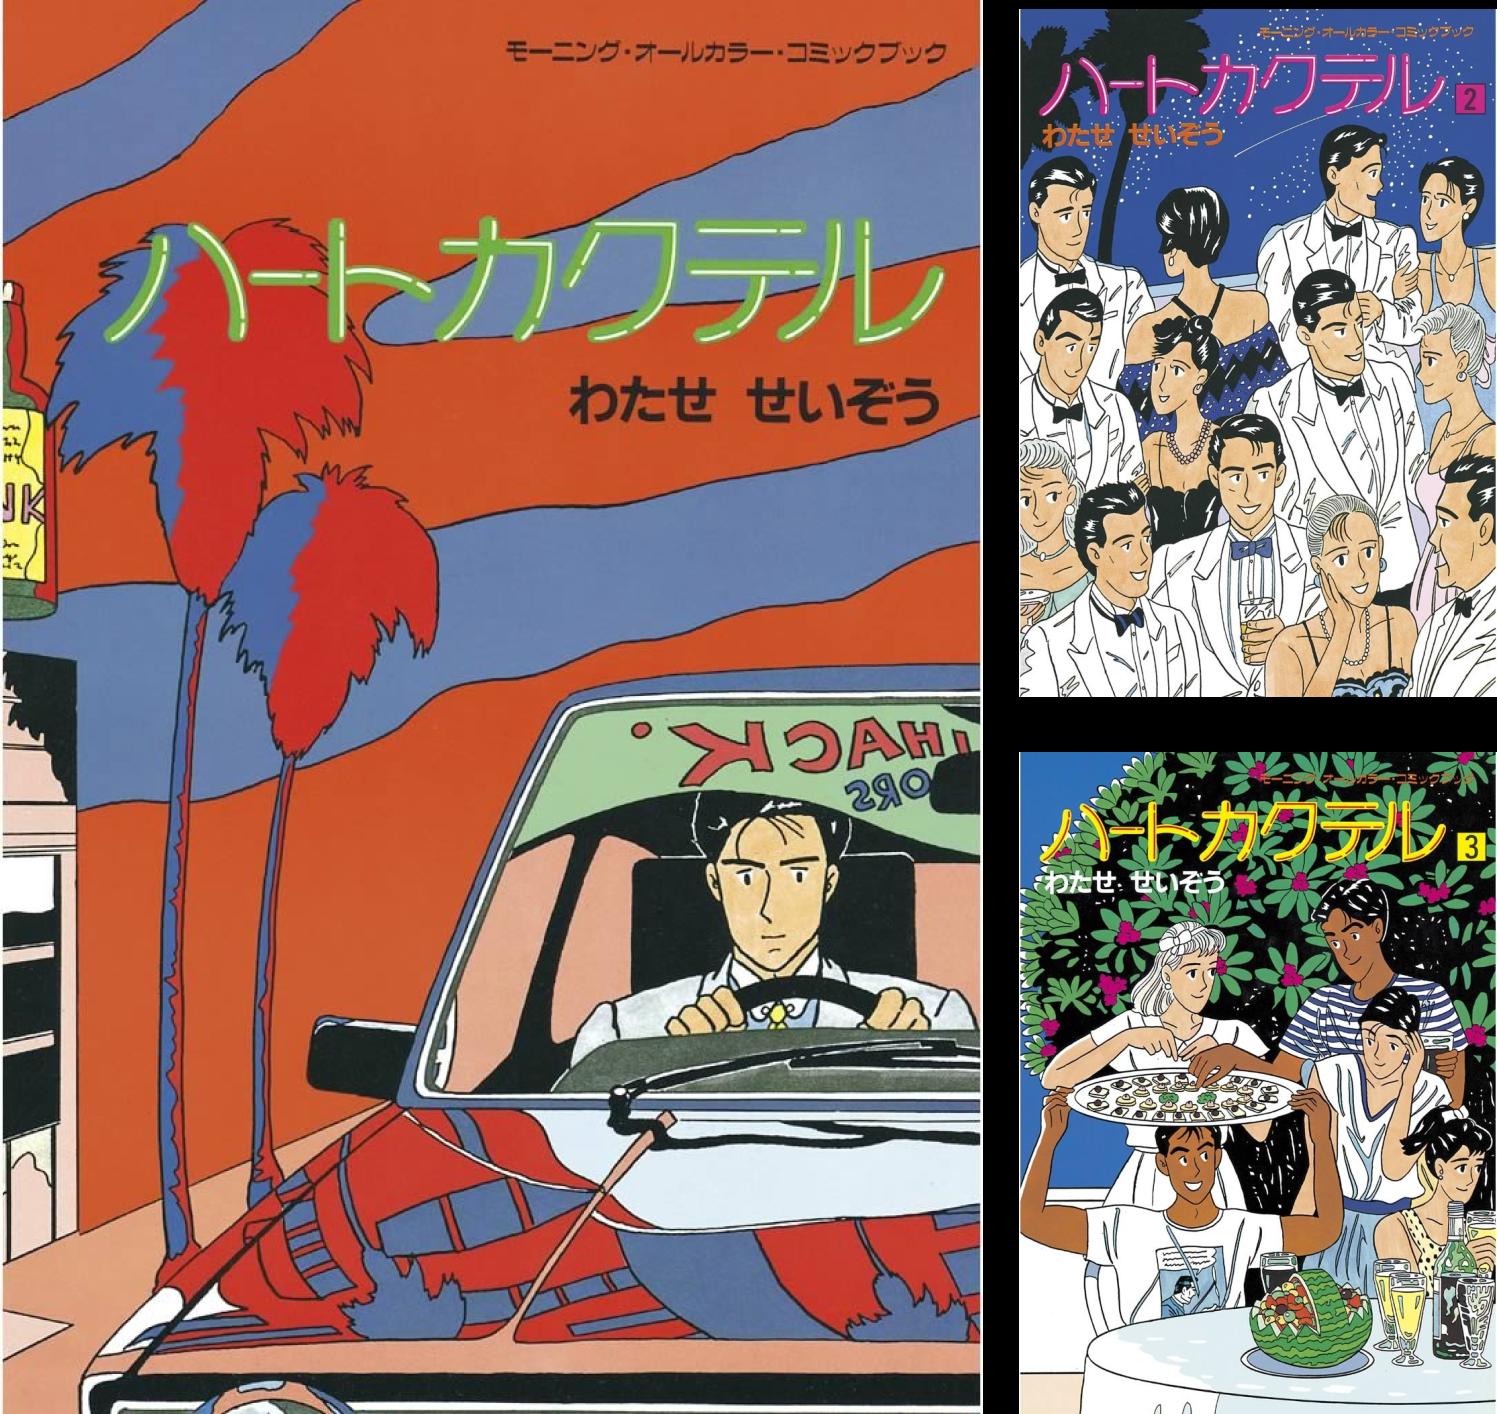 もはや日本の夏といえば永井博と鈴木英人のイラストでしょう